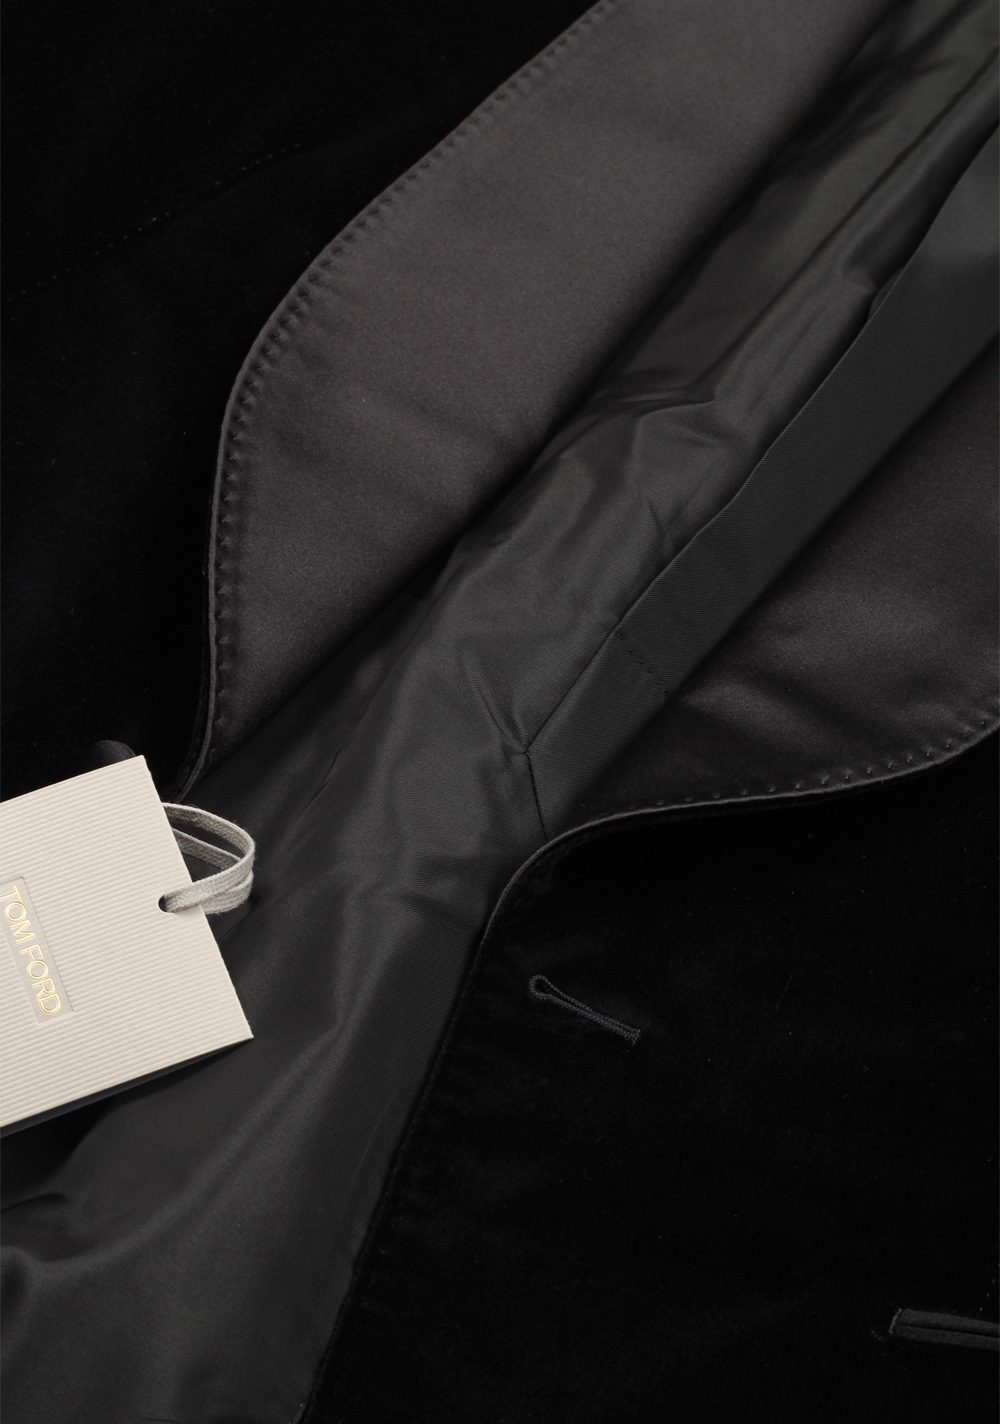 TOM FORD Shelton Black Velvet Tuxedo Dinner Jacket Size 48 / 38R U.S. | Costume Limité